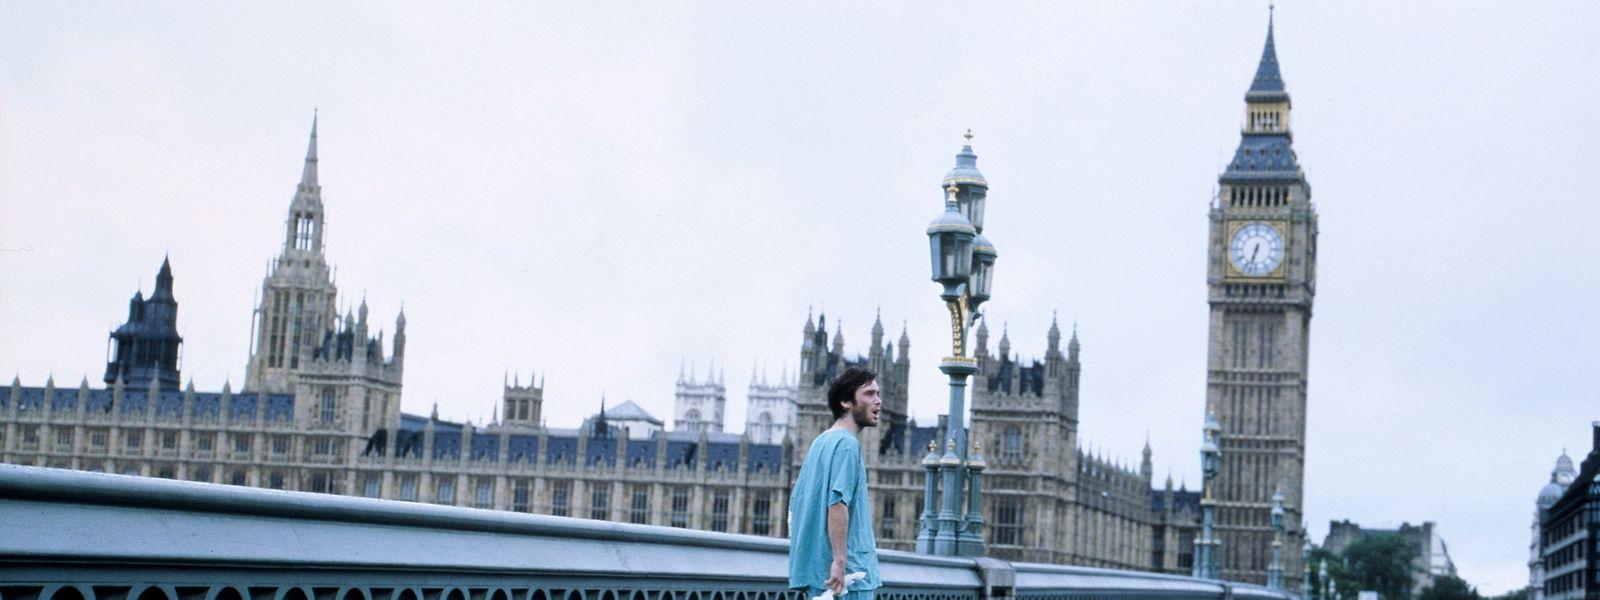 """Esta imagem não é de Londres durante a quarentena, é do filme """"28 Days Later"""" de Danny Boyle"""